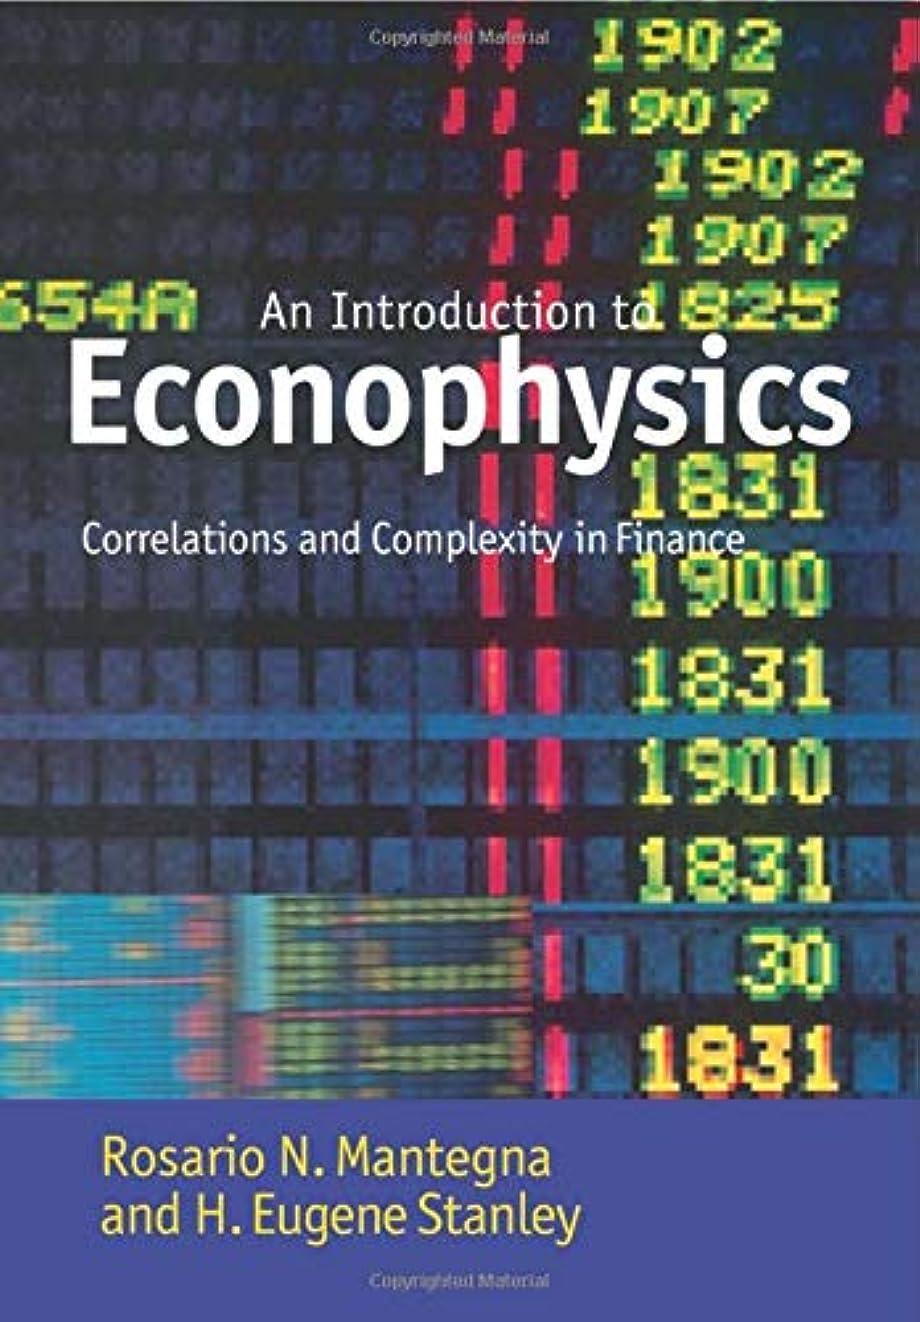 報復するリクルート記念碑的なIntroduction to Econophysics: Correlations and Complexity in Finance